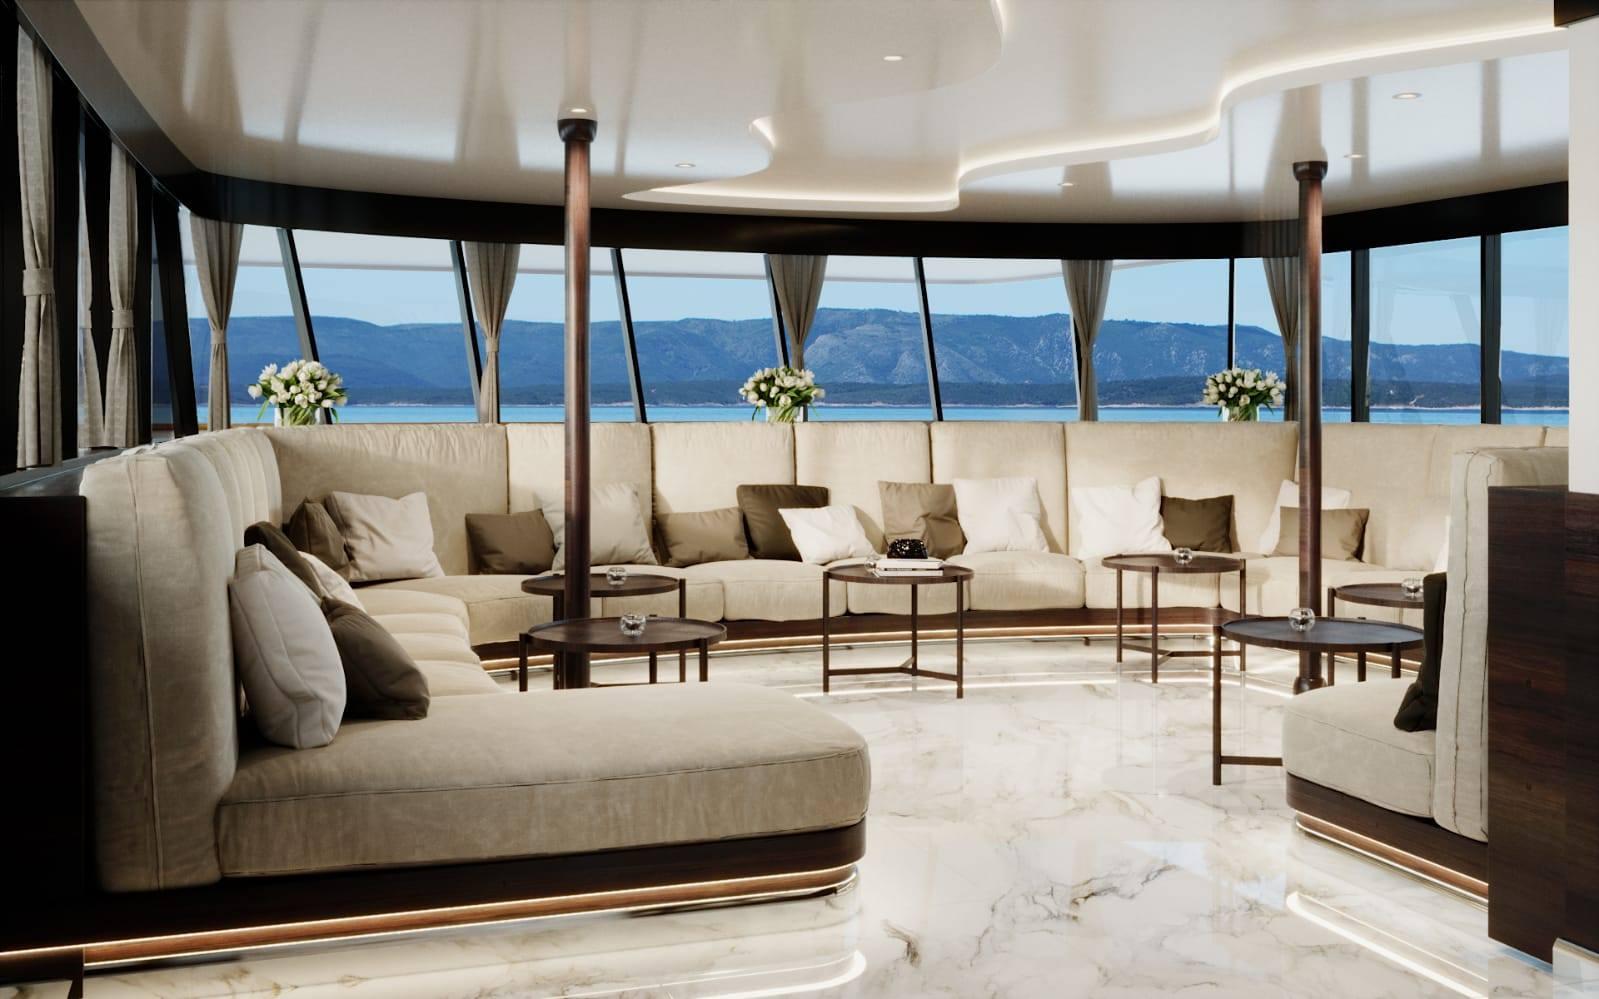 Fenix Cruise Ship Croatia 2